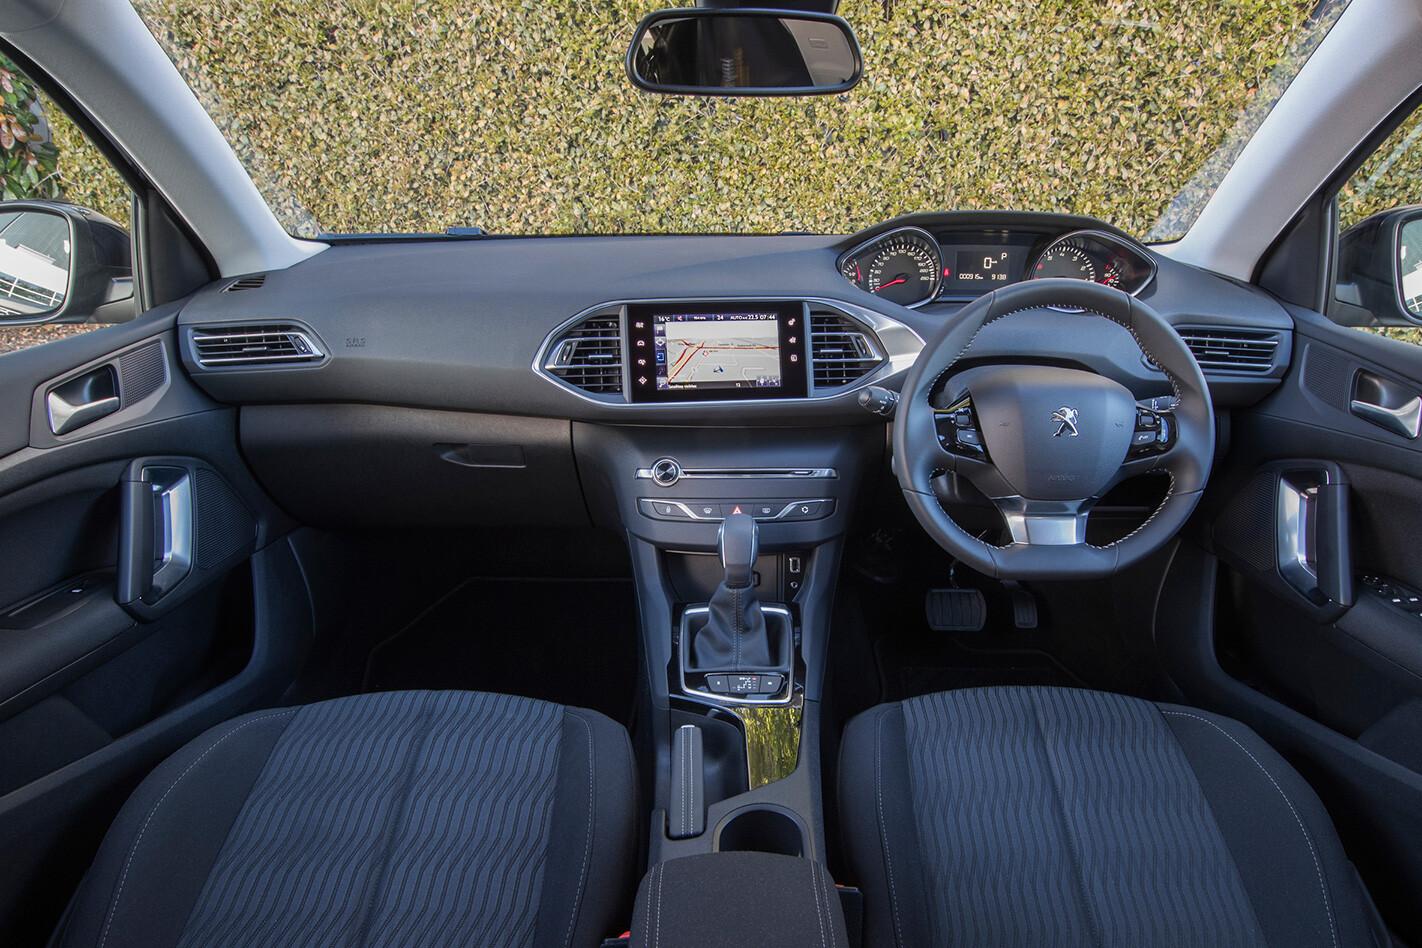 Peugeot 308 Allure Interior Jpg